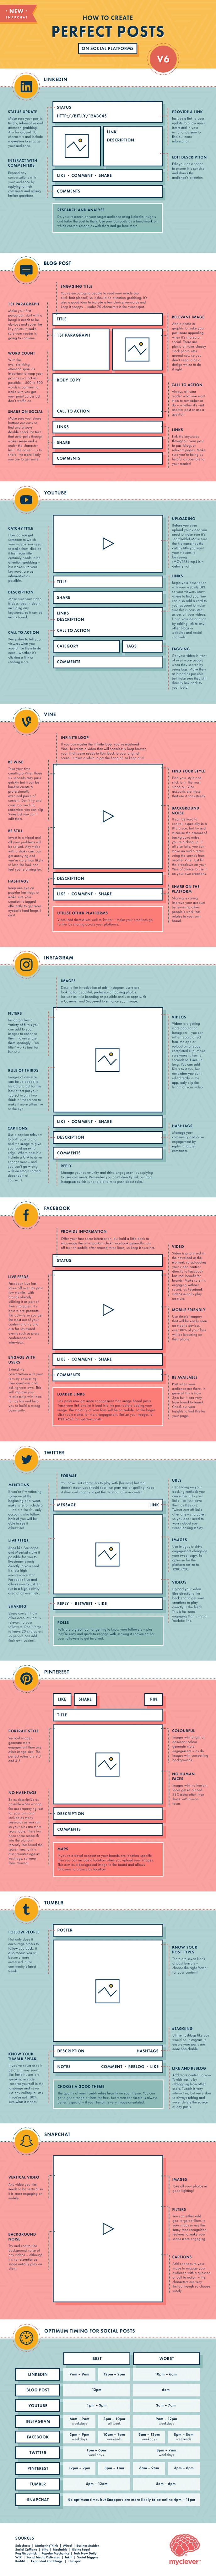 Cómo hacer post perfectos en Redes Sociales V6